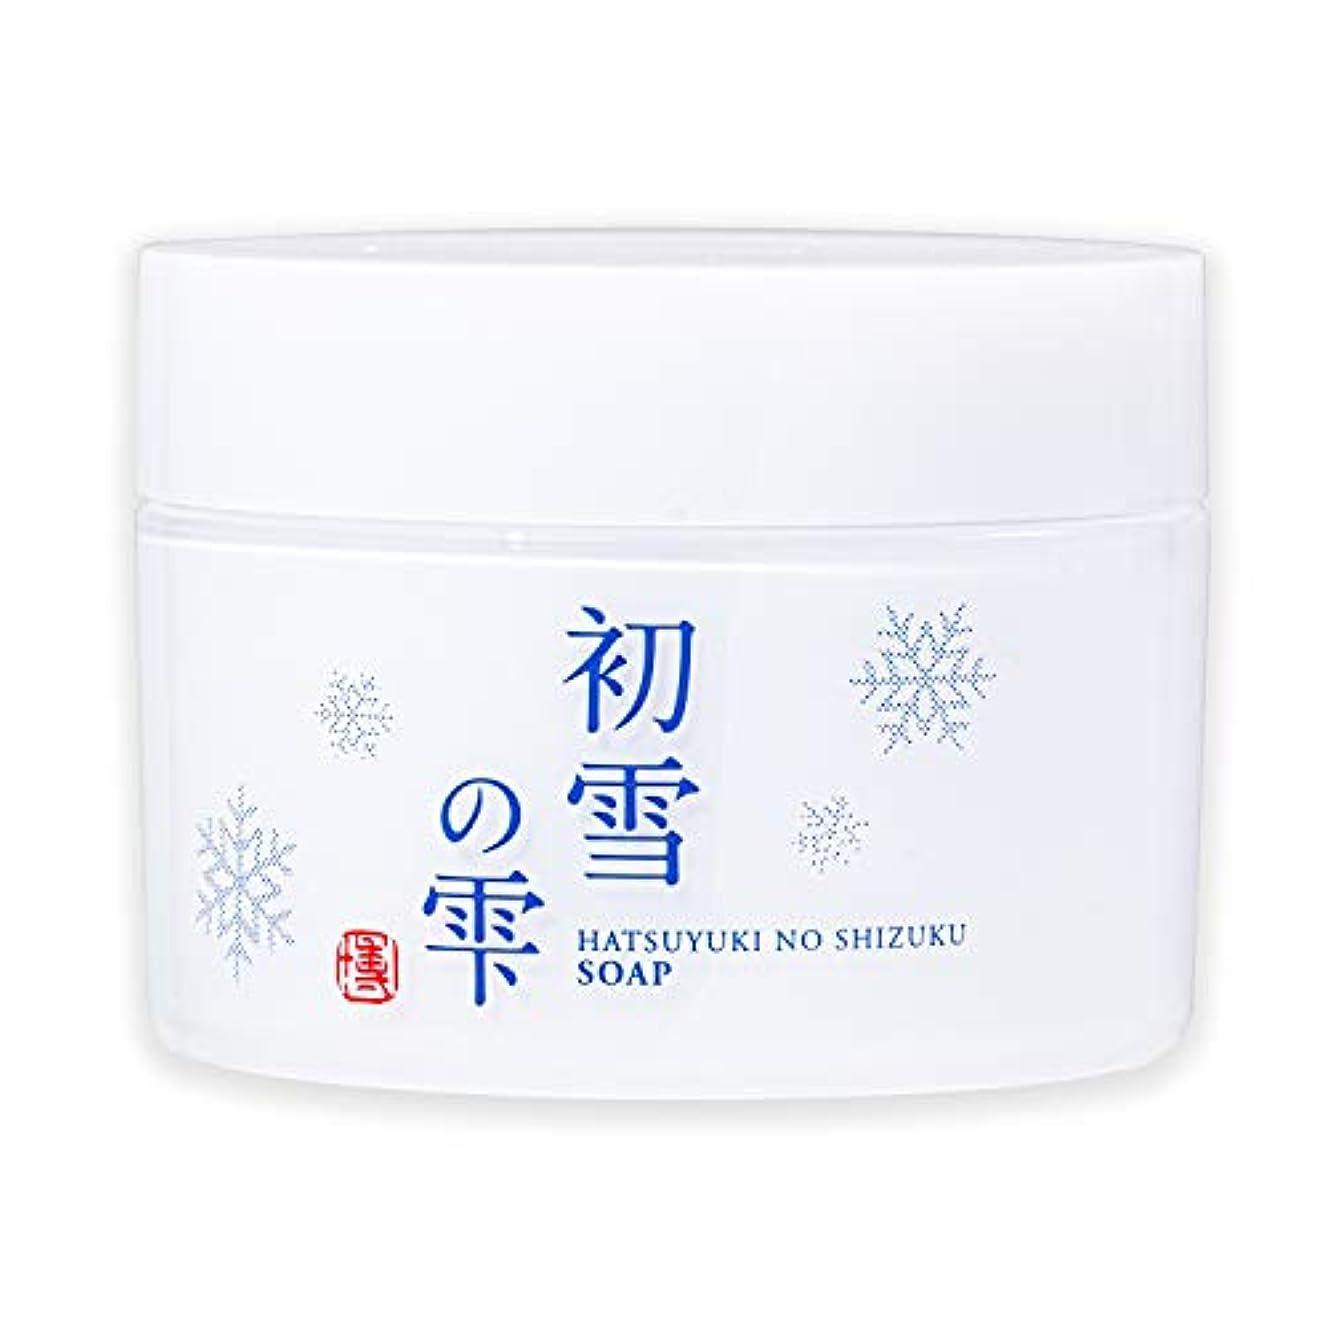 ディスコ補助金レンディション初雪の雫 洗顔 練り せっけん ジャータイプ 105g [アミノ酸 ヒアルロン酸 プラセンタエキス セラミド 配合]